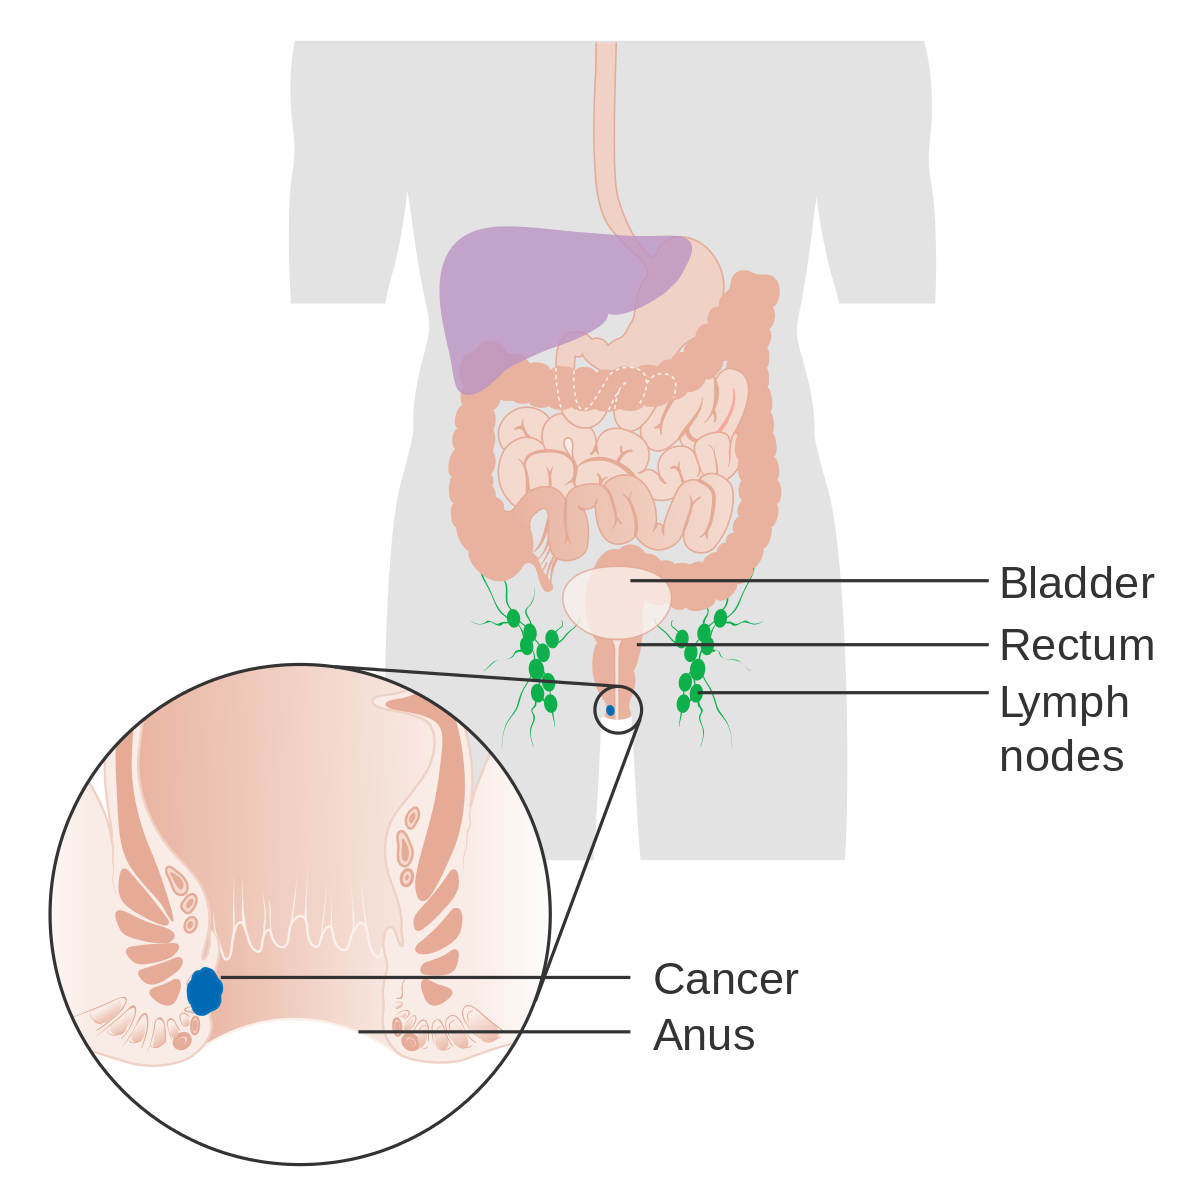 papilloma meaning in marathi